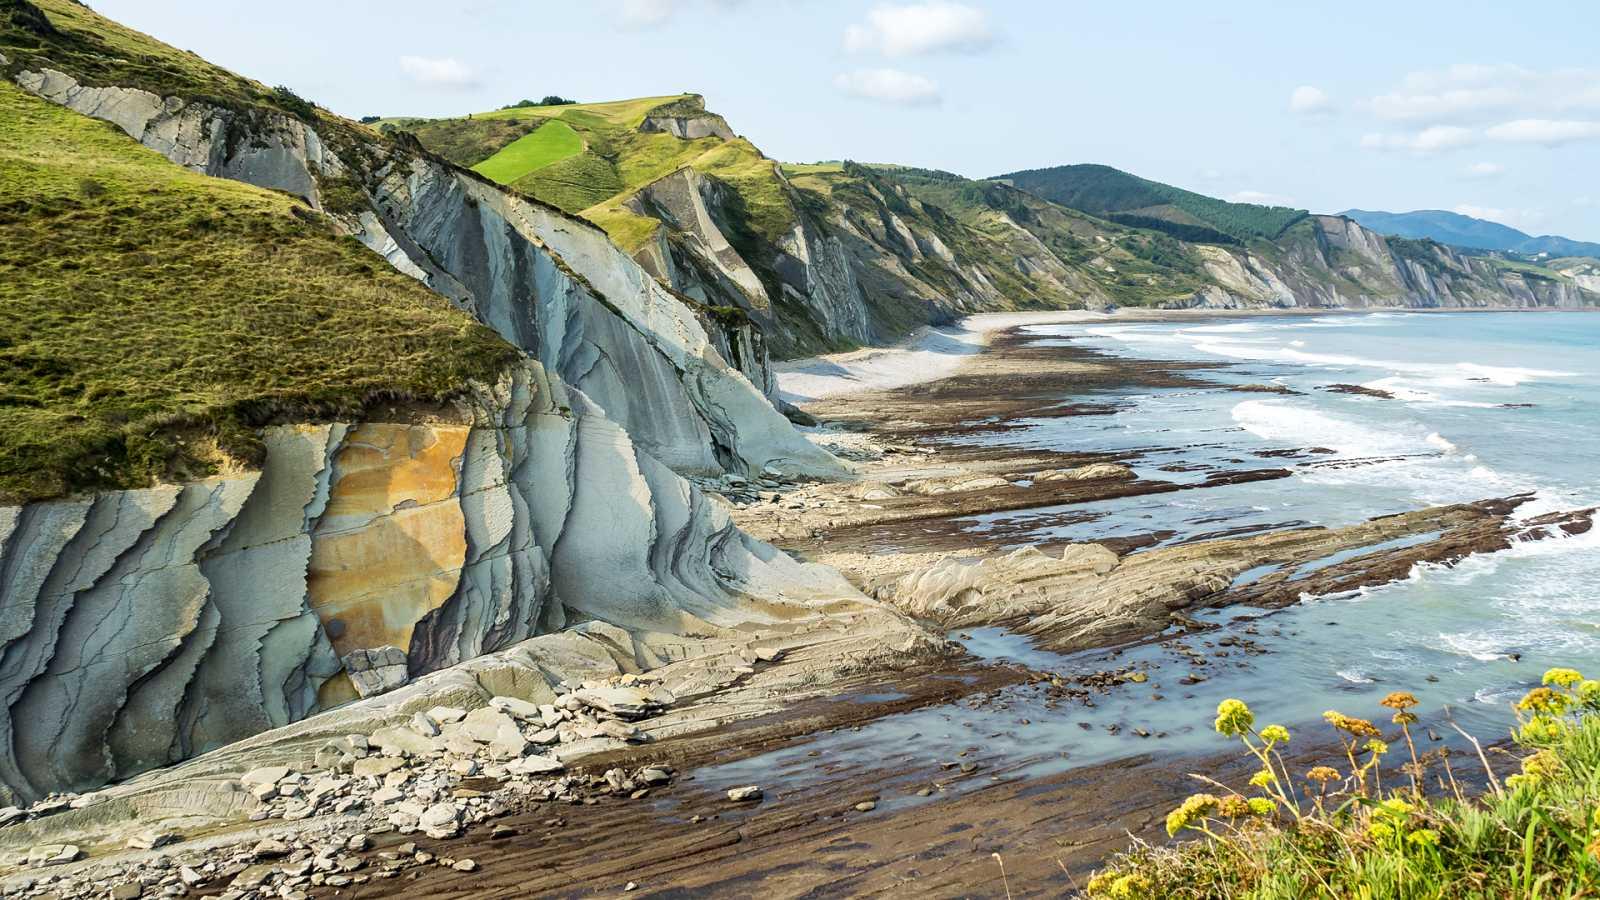 En clave Turismo - Ruta por la costa guipuzcoana, paraíso natural y gastronómico - 07/08/20 - escuchar ahora